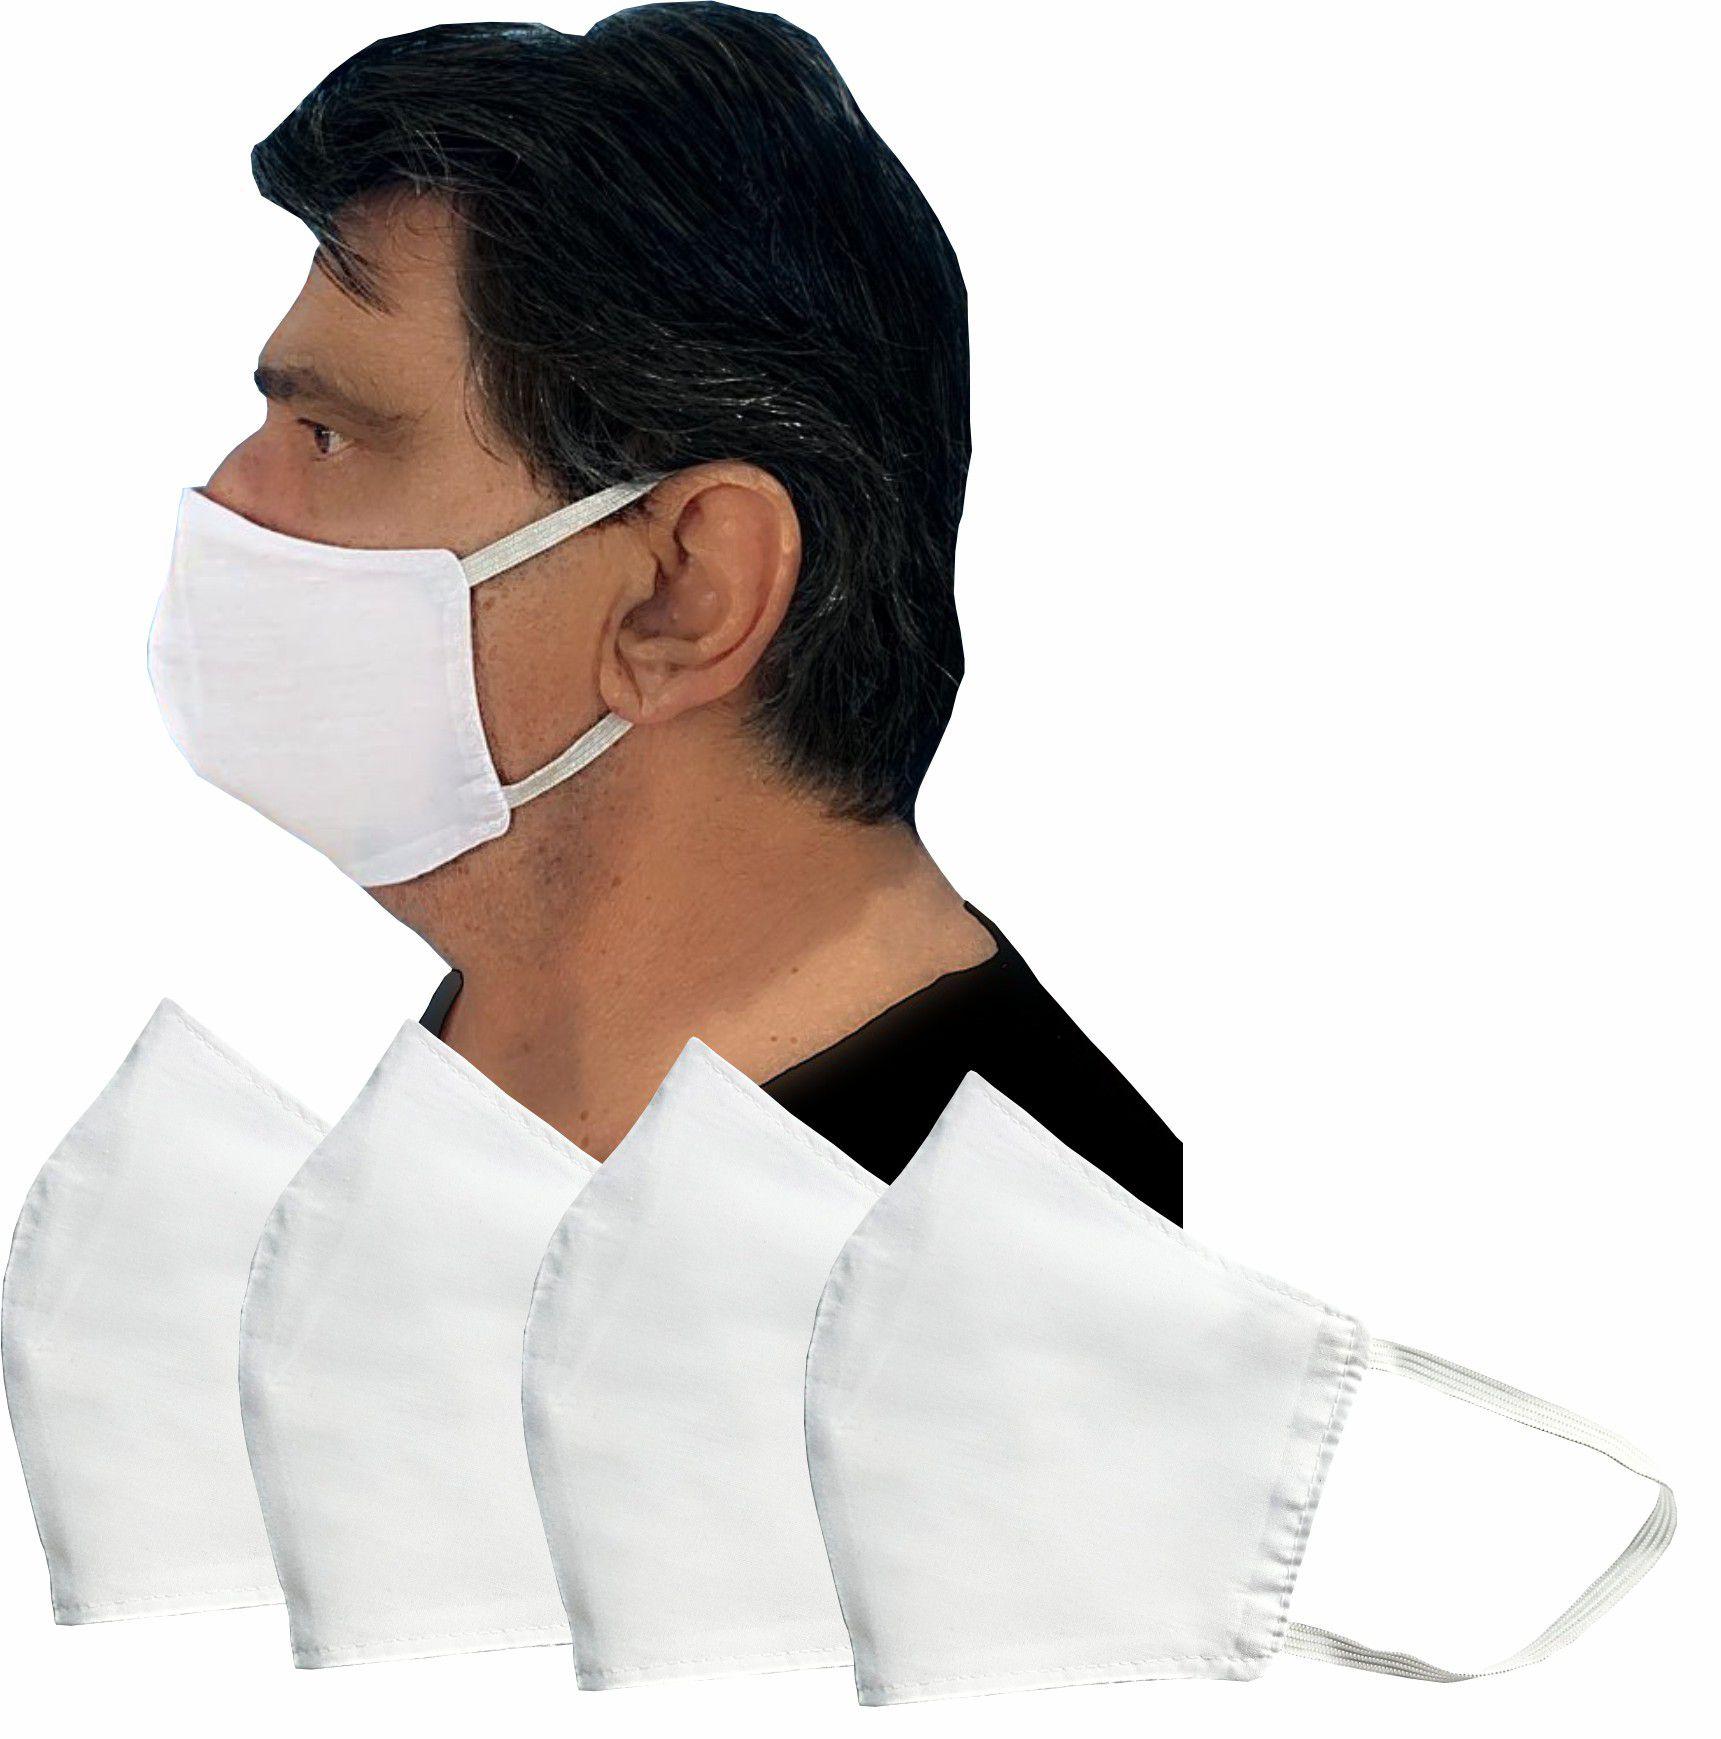 Kit 06 Mascaras de Tecido Proteção Dupla Lavável e Reutilizável Secagem Rápida Ajusta bem ao rosto Tamanho M